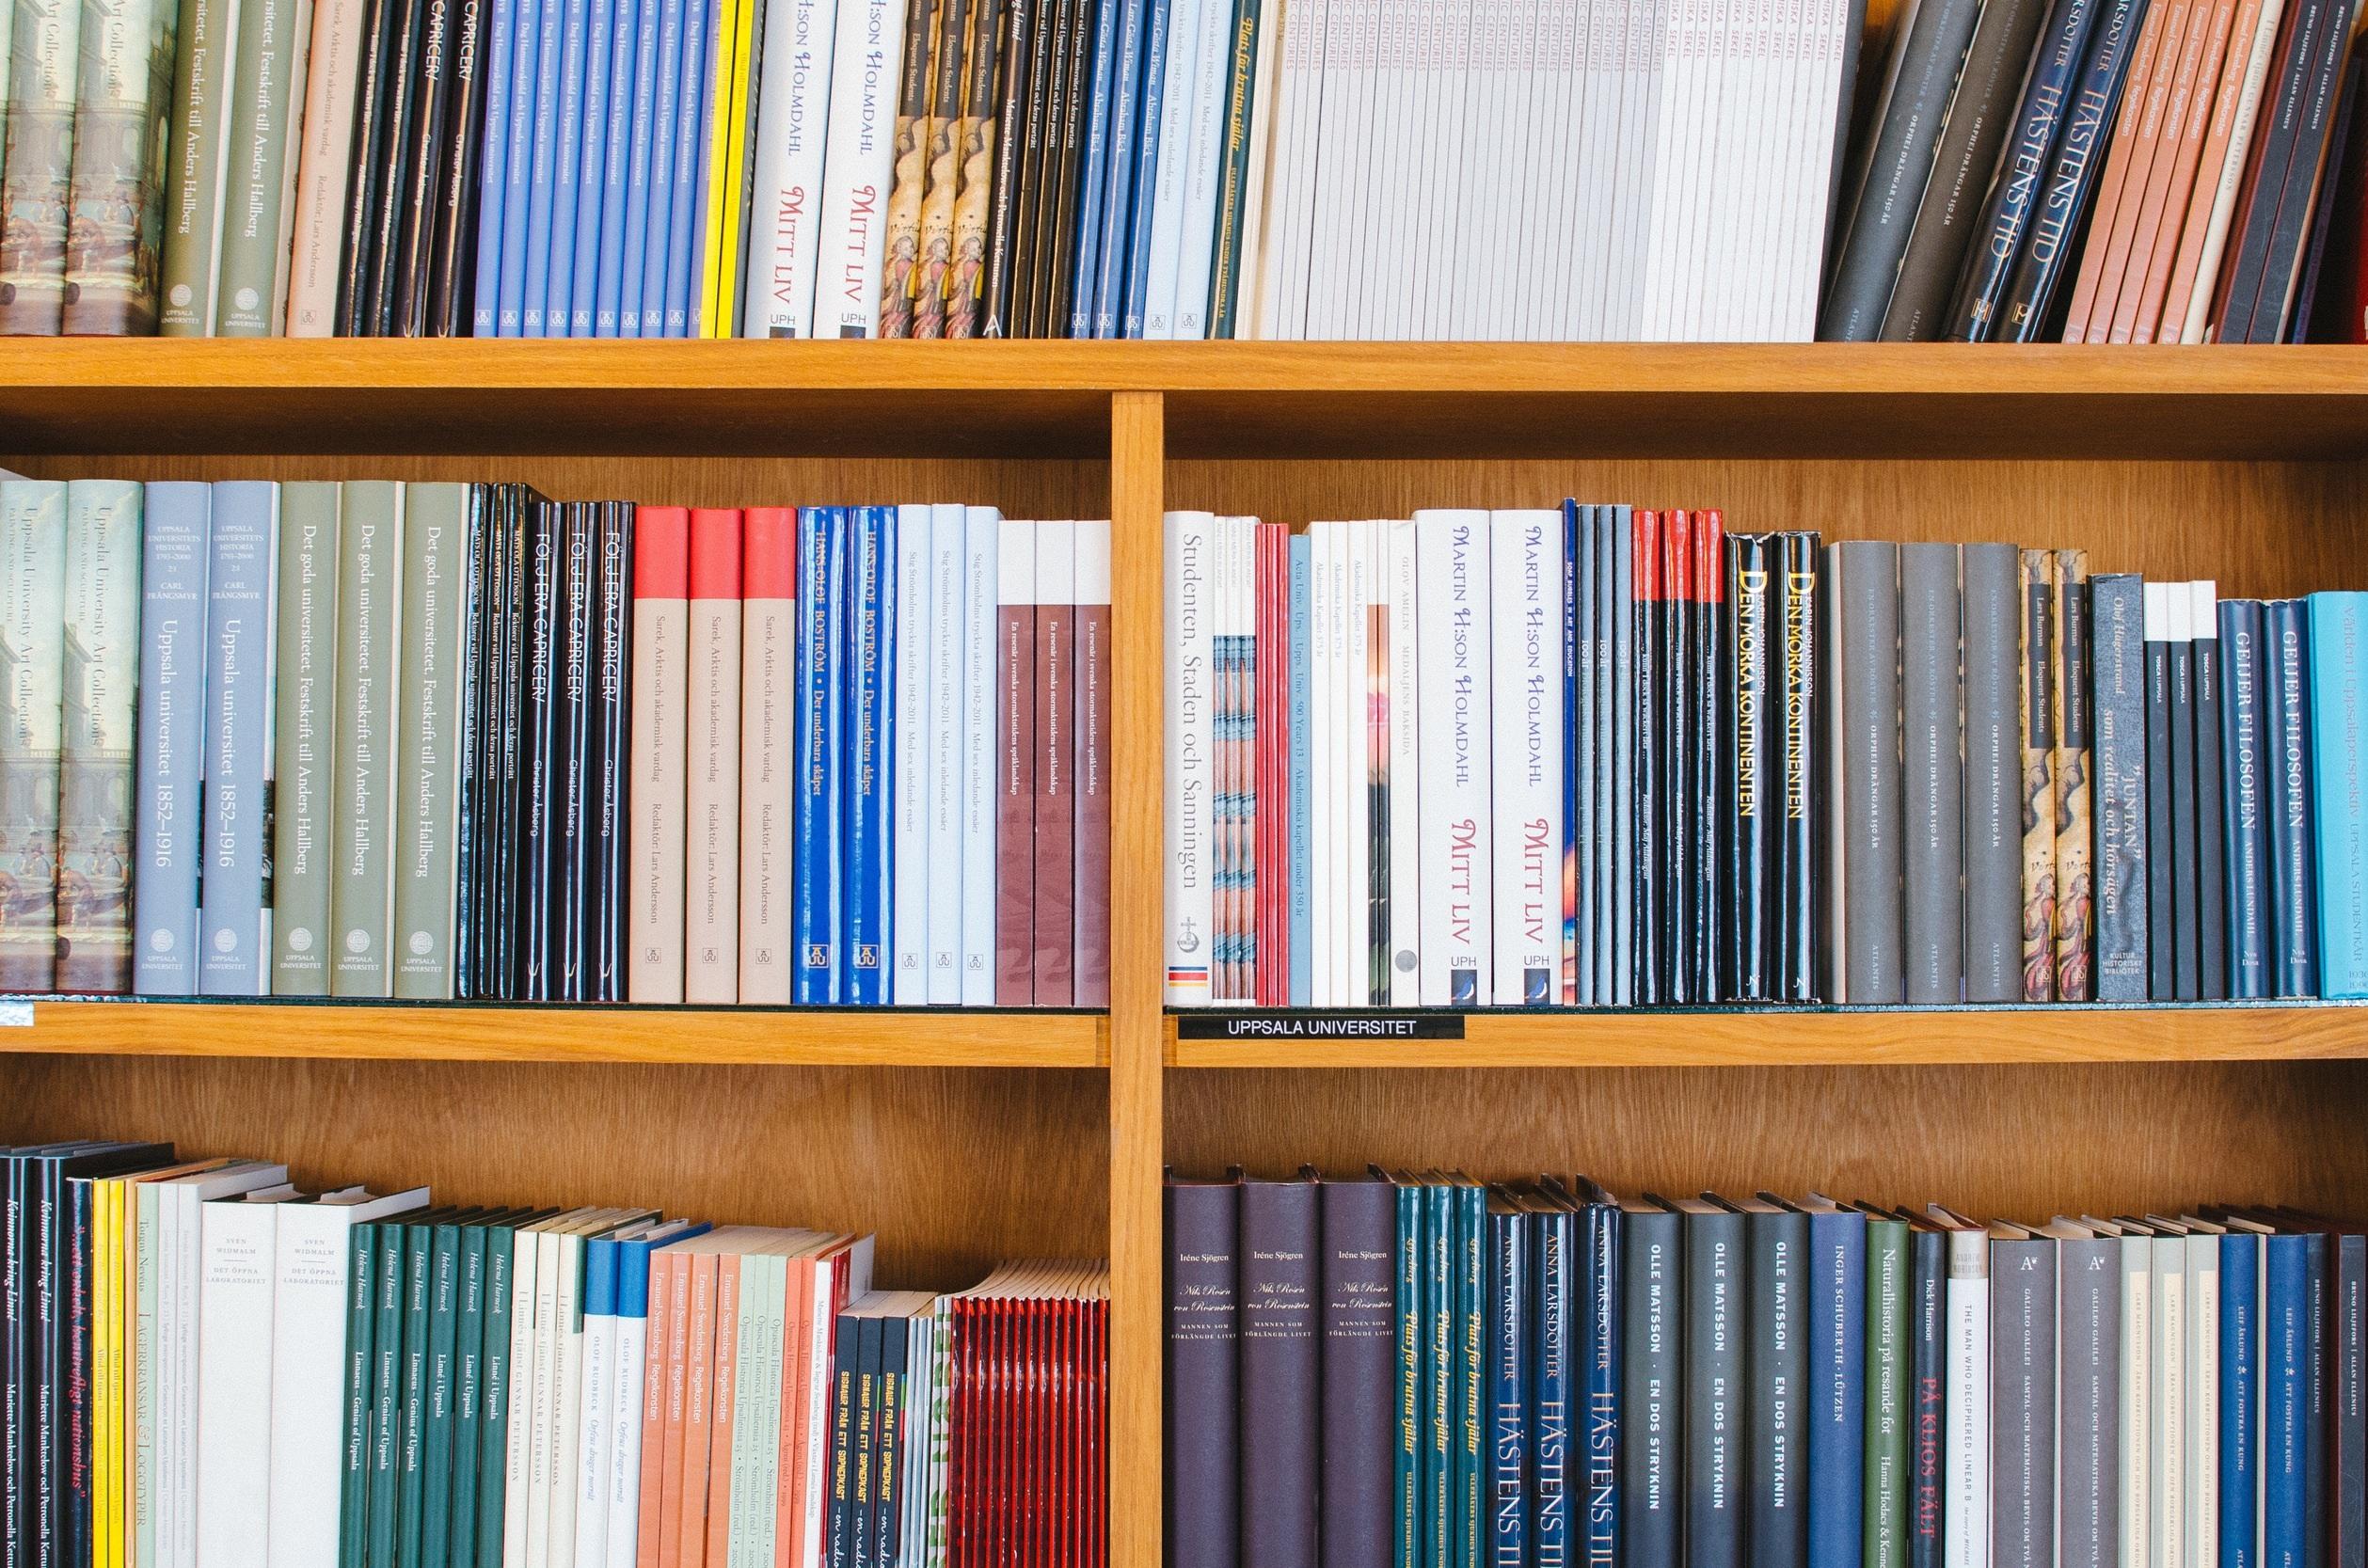 Bücherregal als Symbol für wissenschaftliche Arbeit